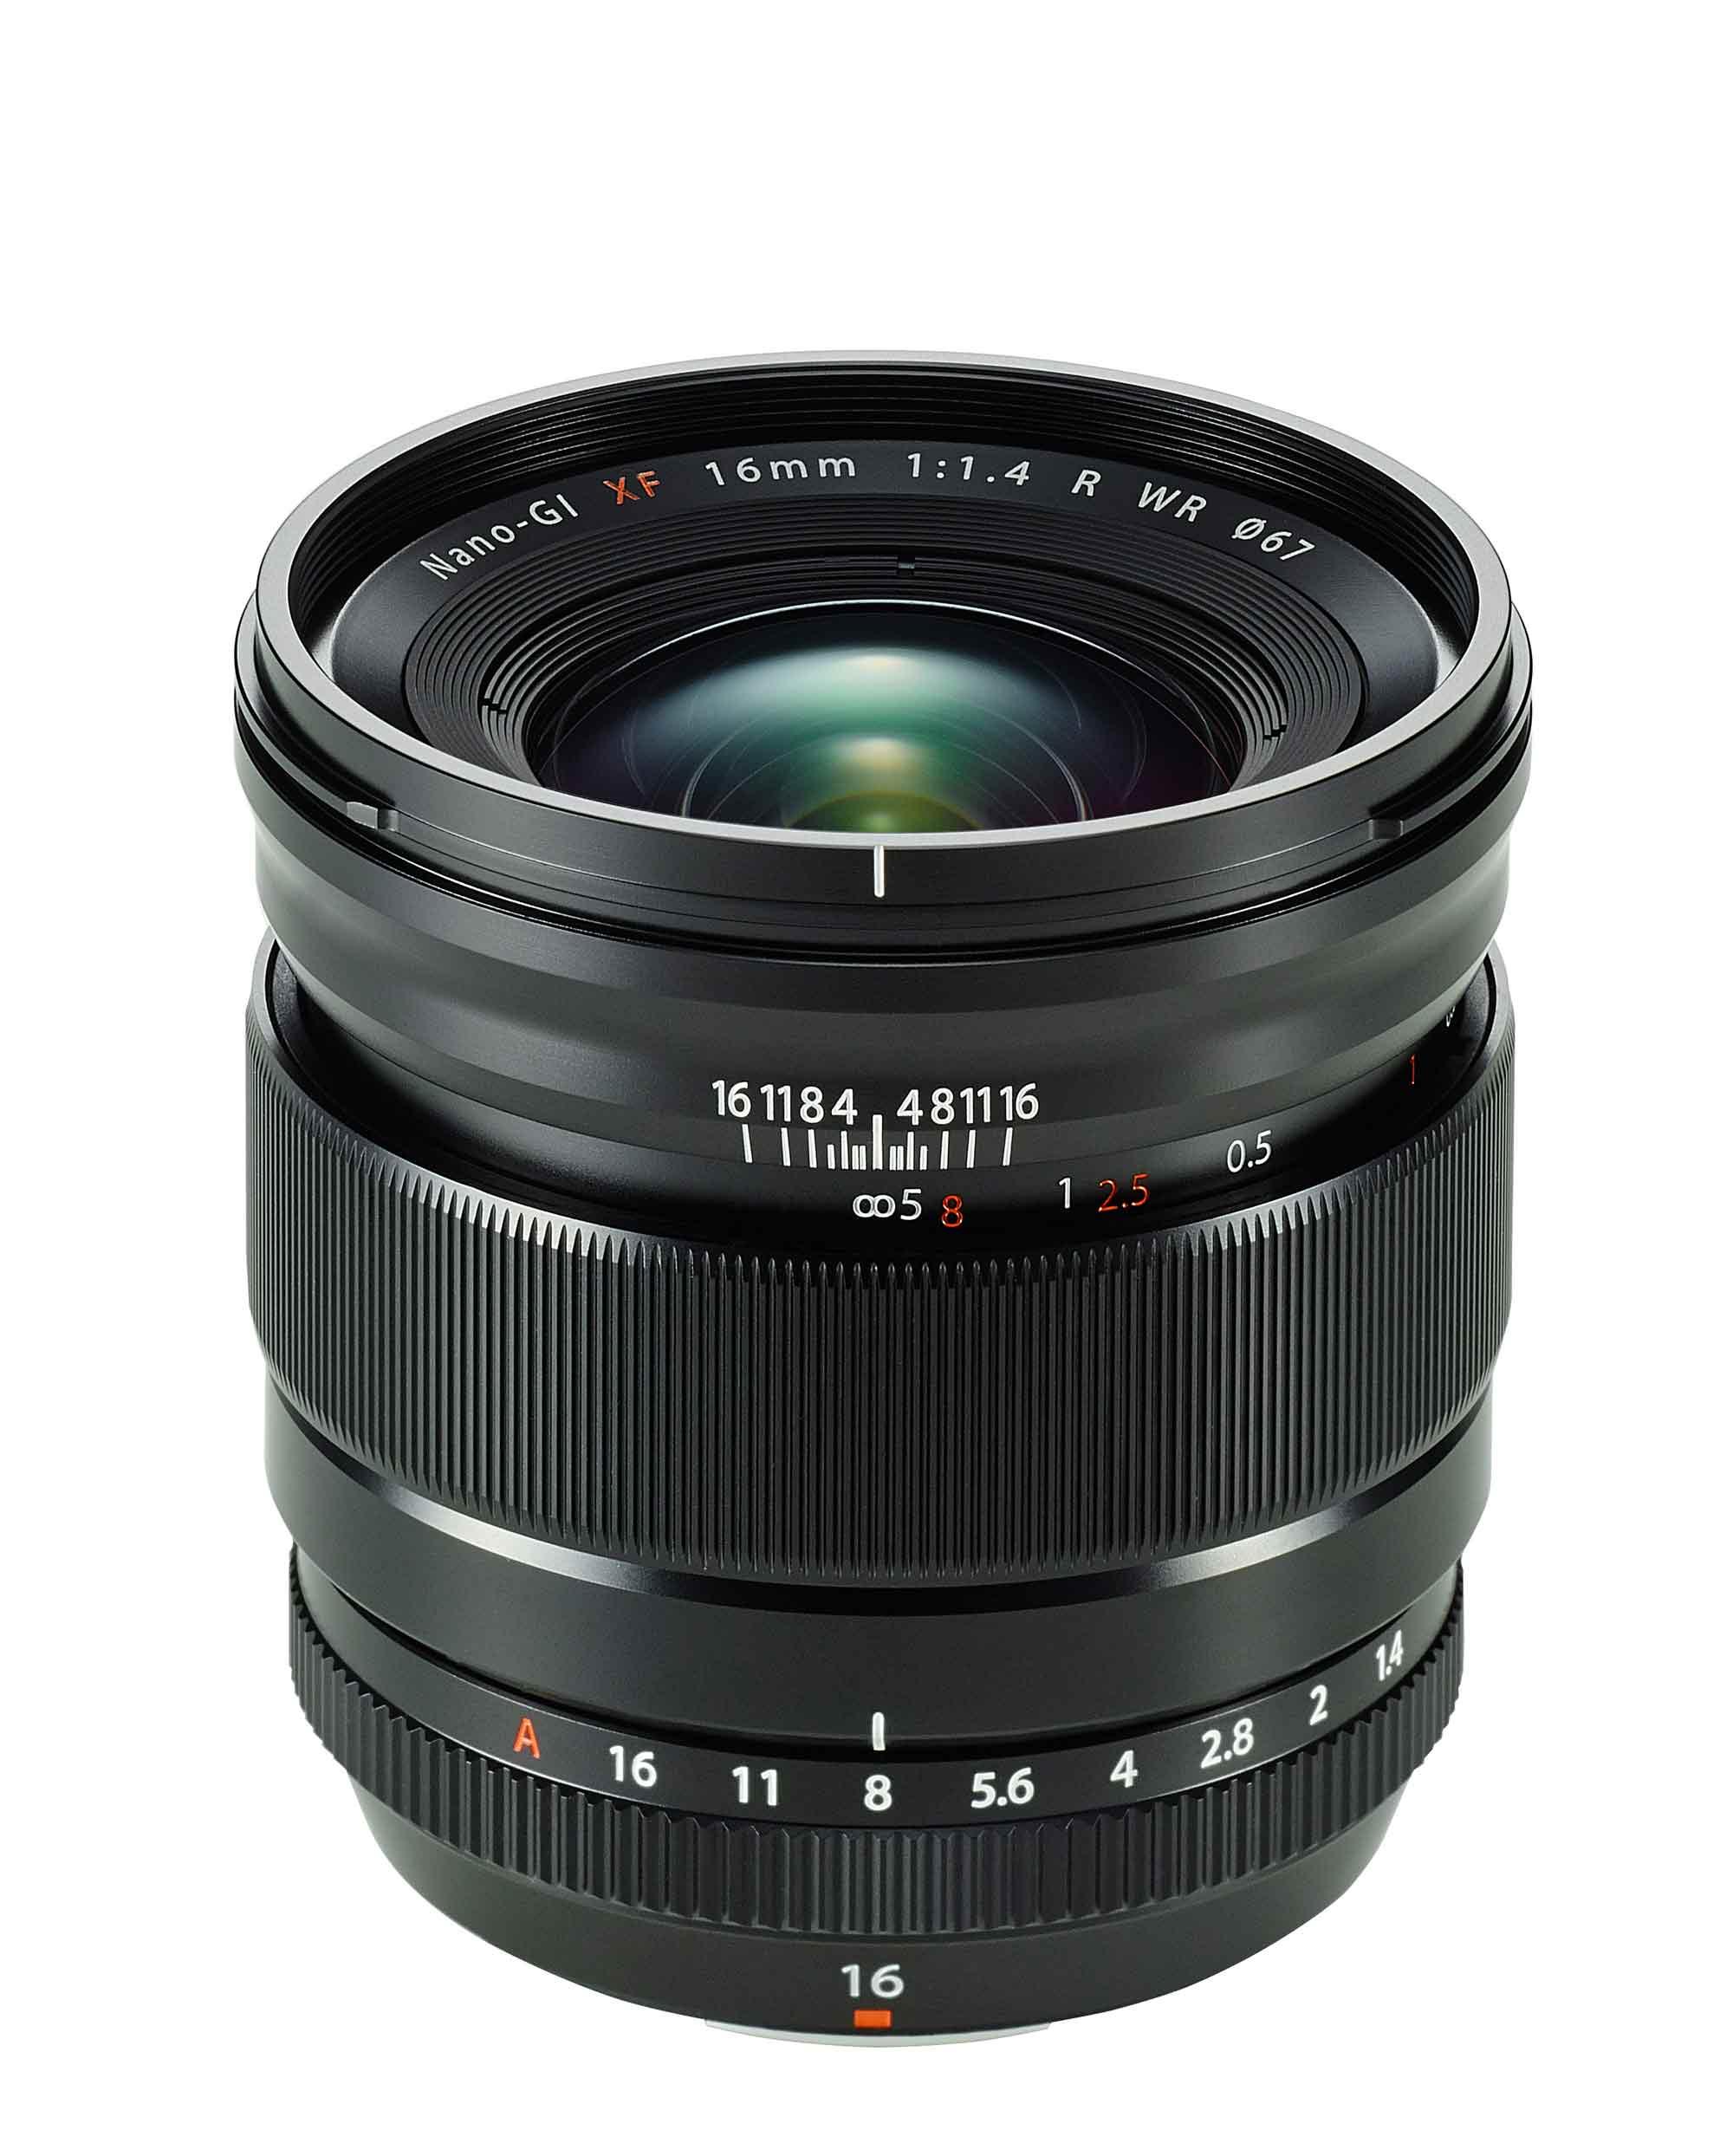 Fujinon 16mm f/1.4 Festbrennweite